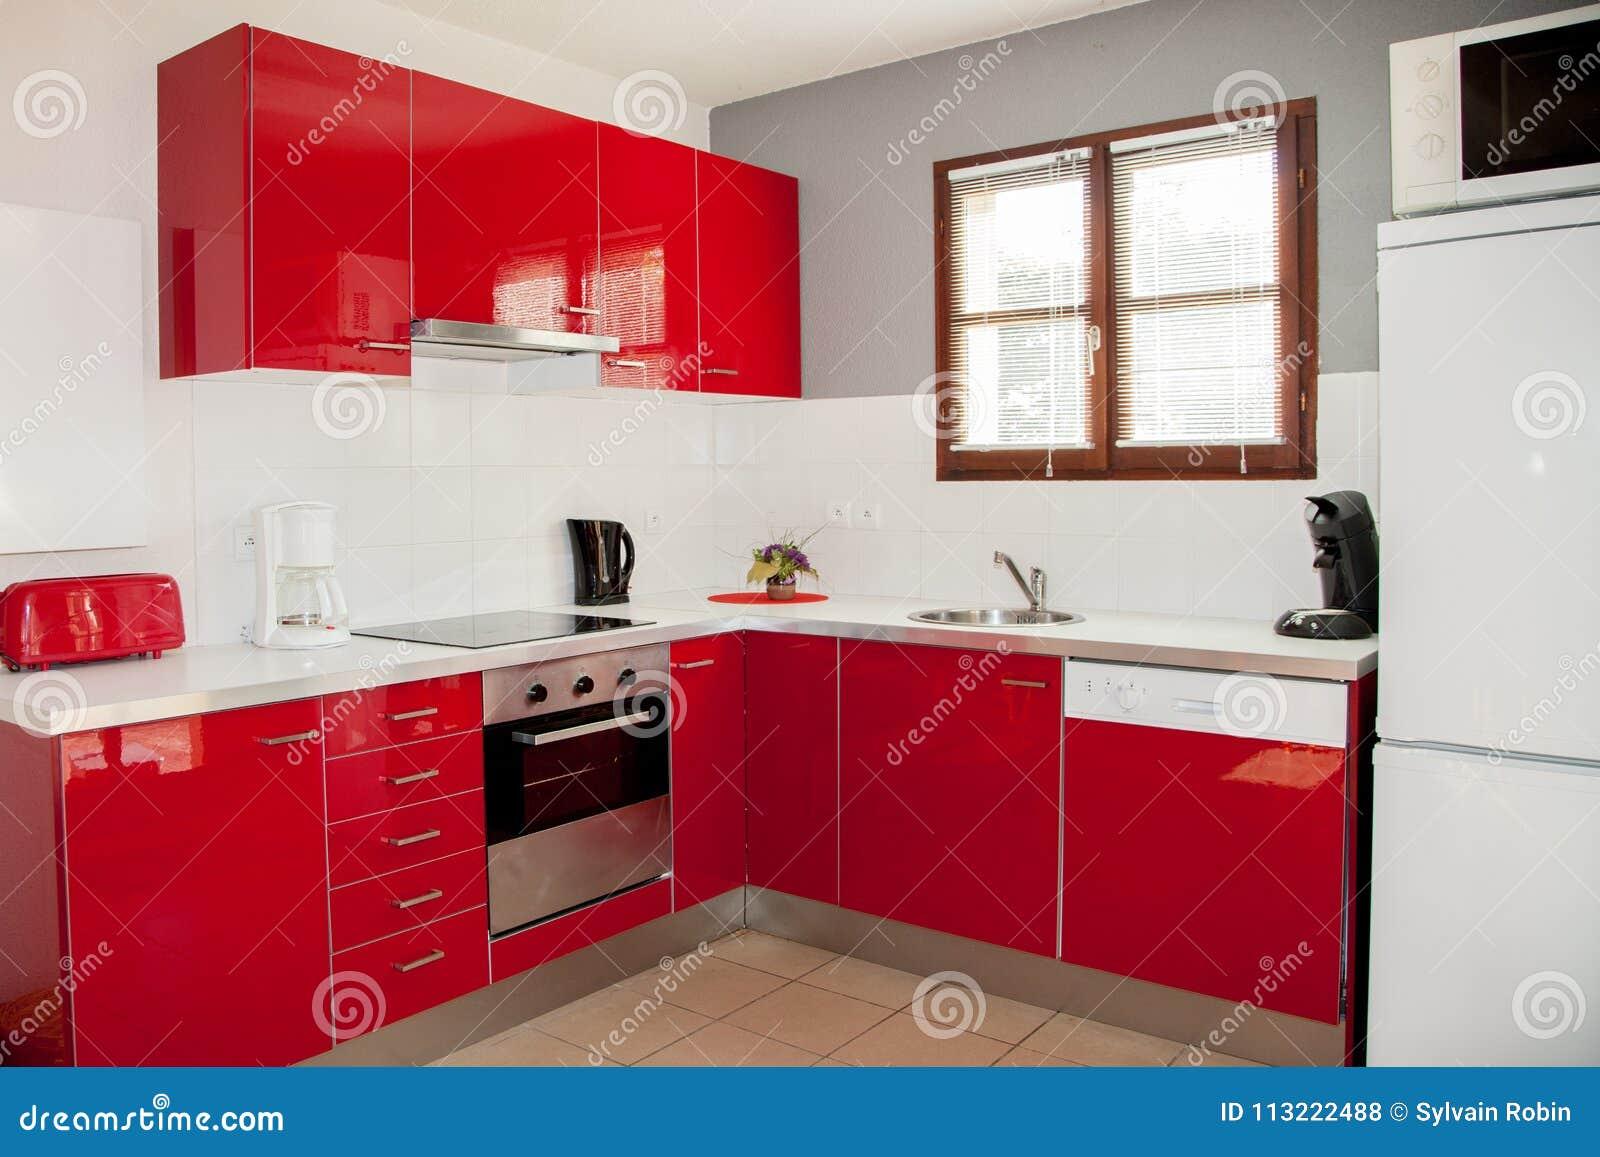 Evier De Cuisine Rouge.Studio Contenant La Petite Cuisine Rouge Avec Un Evier Et